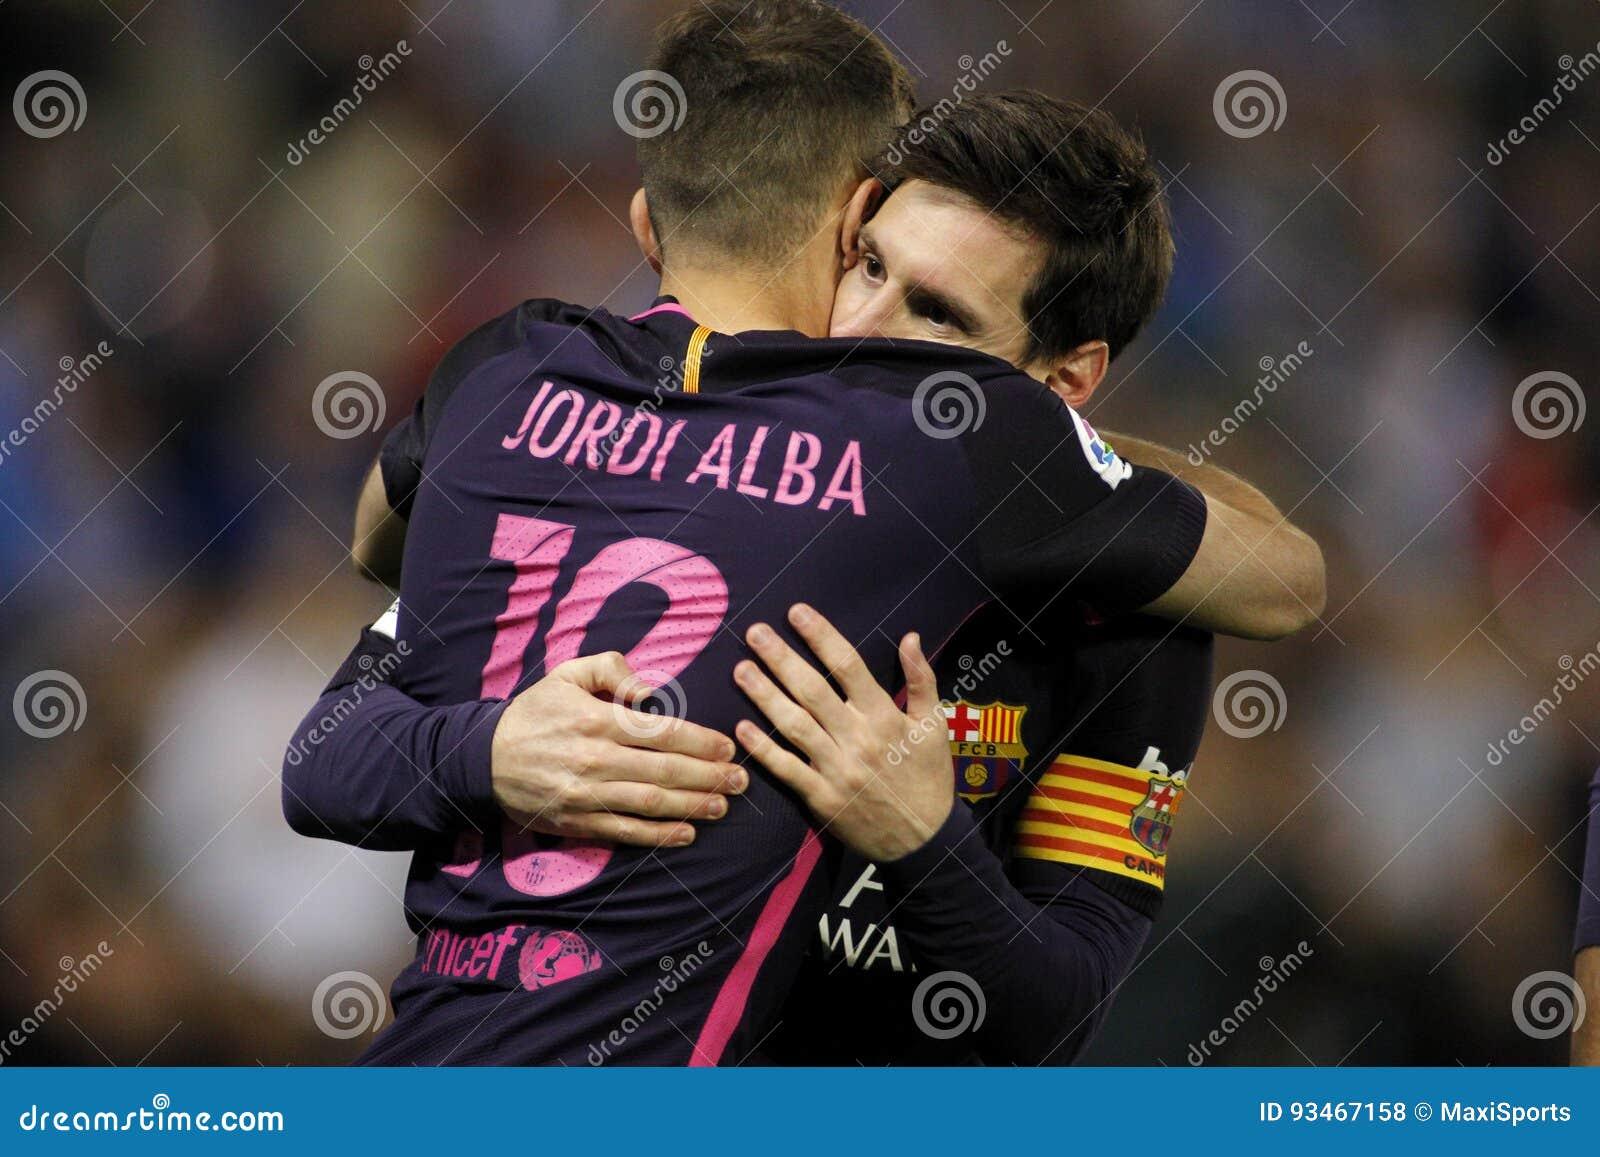 Messi y Jordi Alba del FC Barcelona